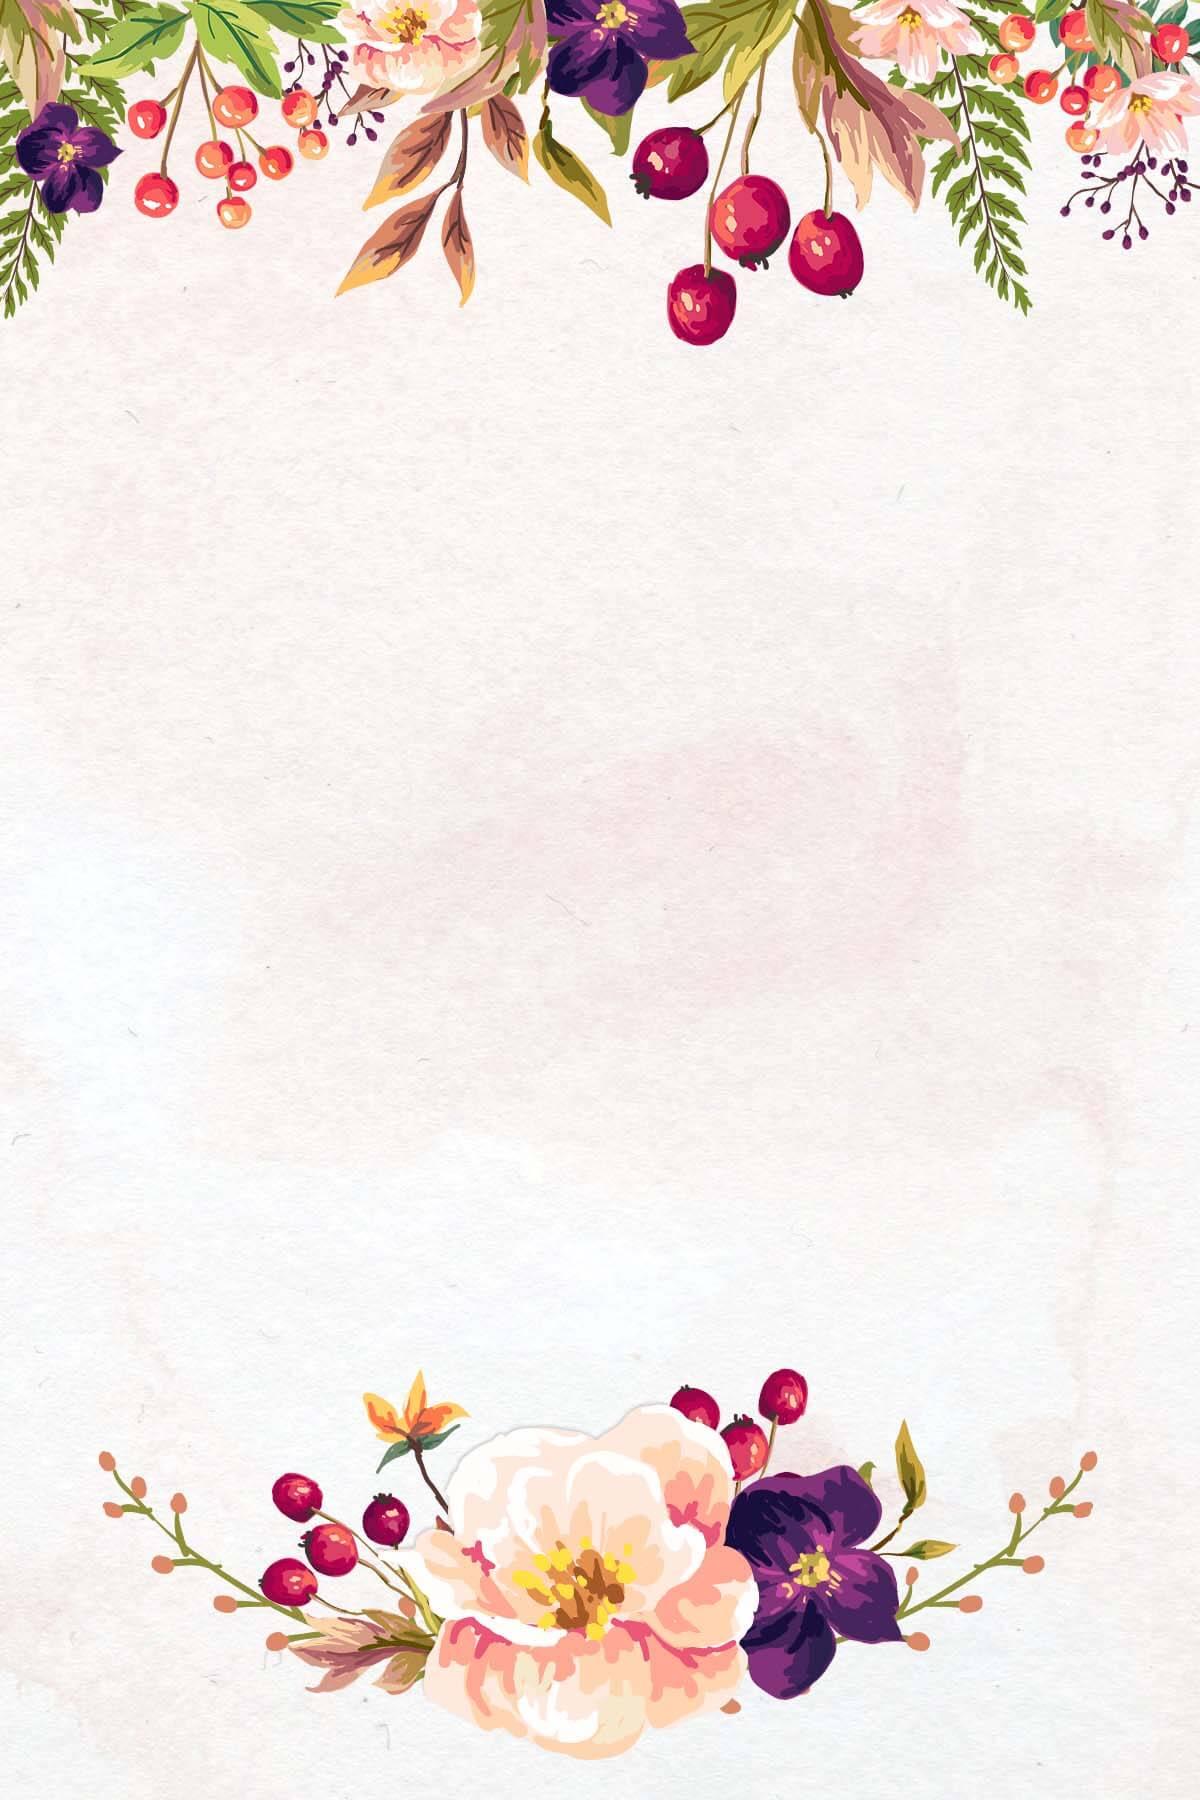 fall invitation blank 4x6 teepee girl